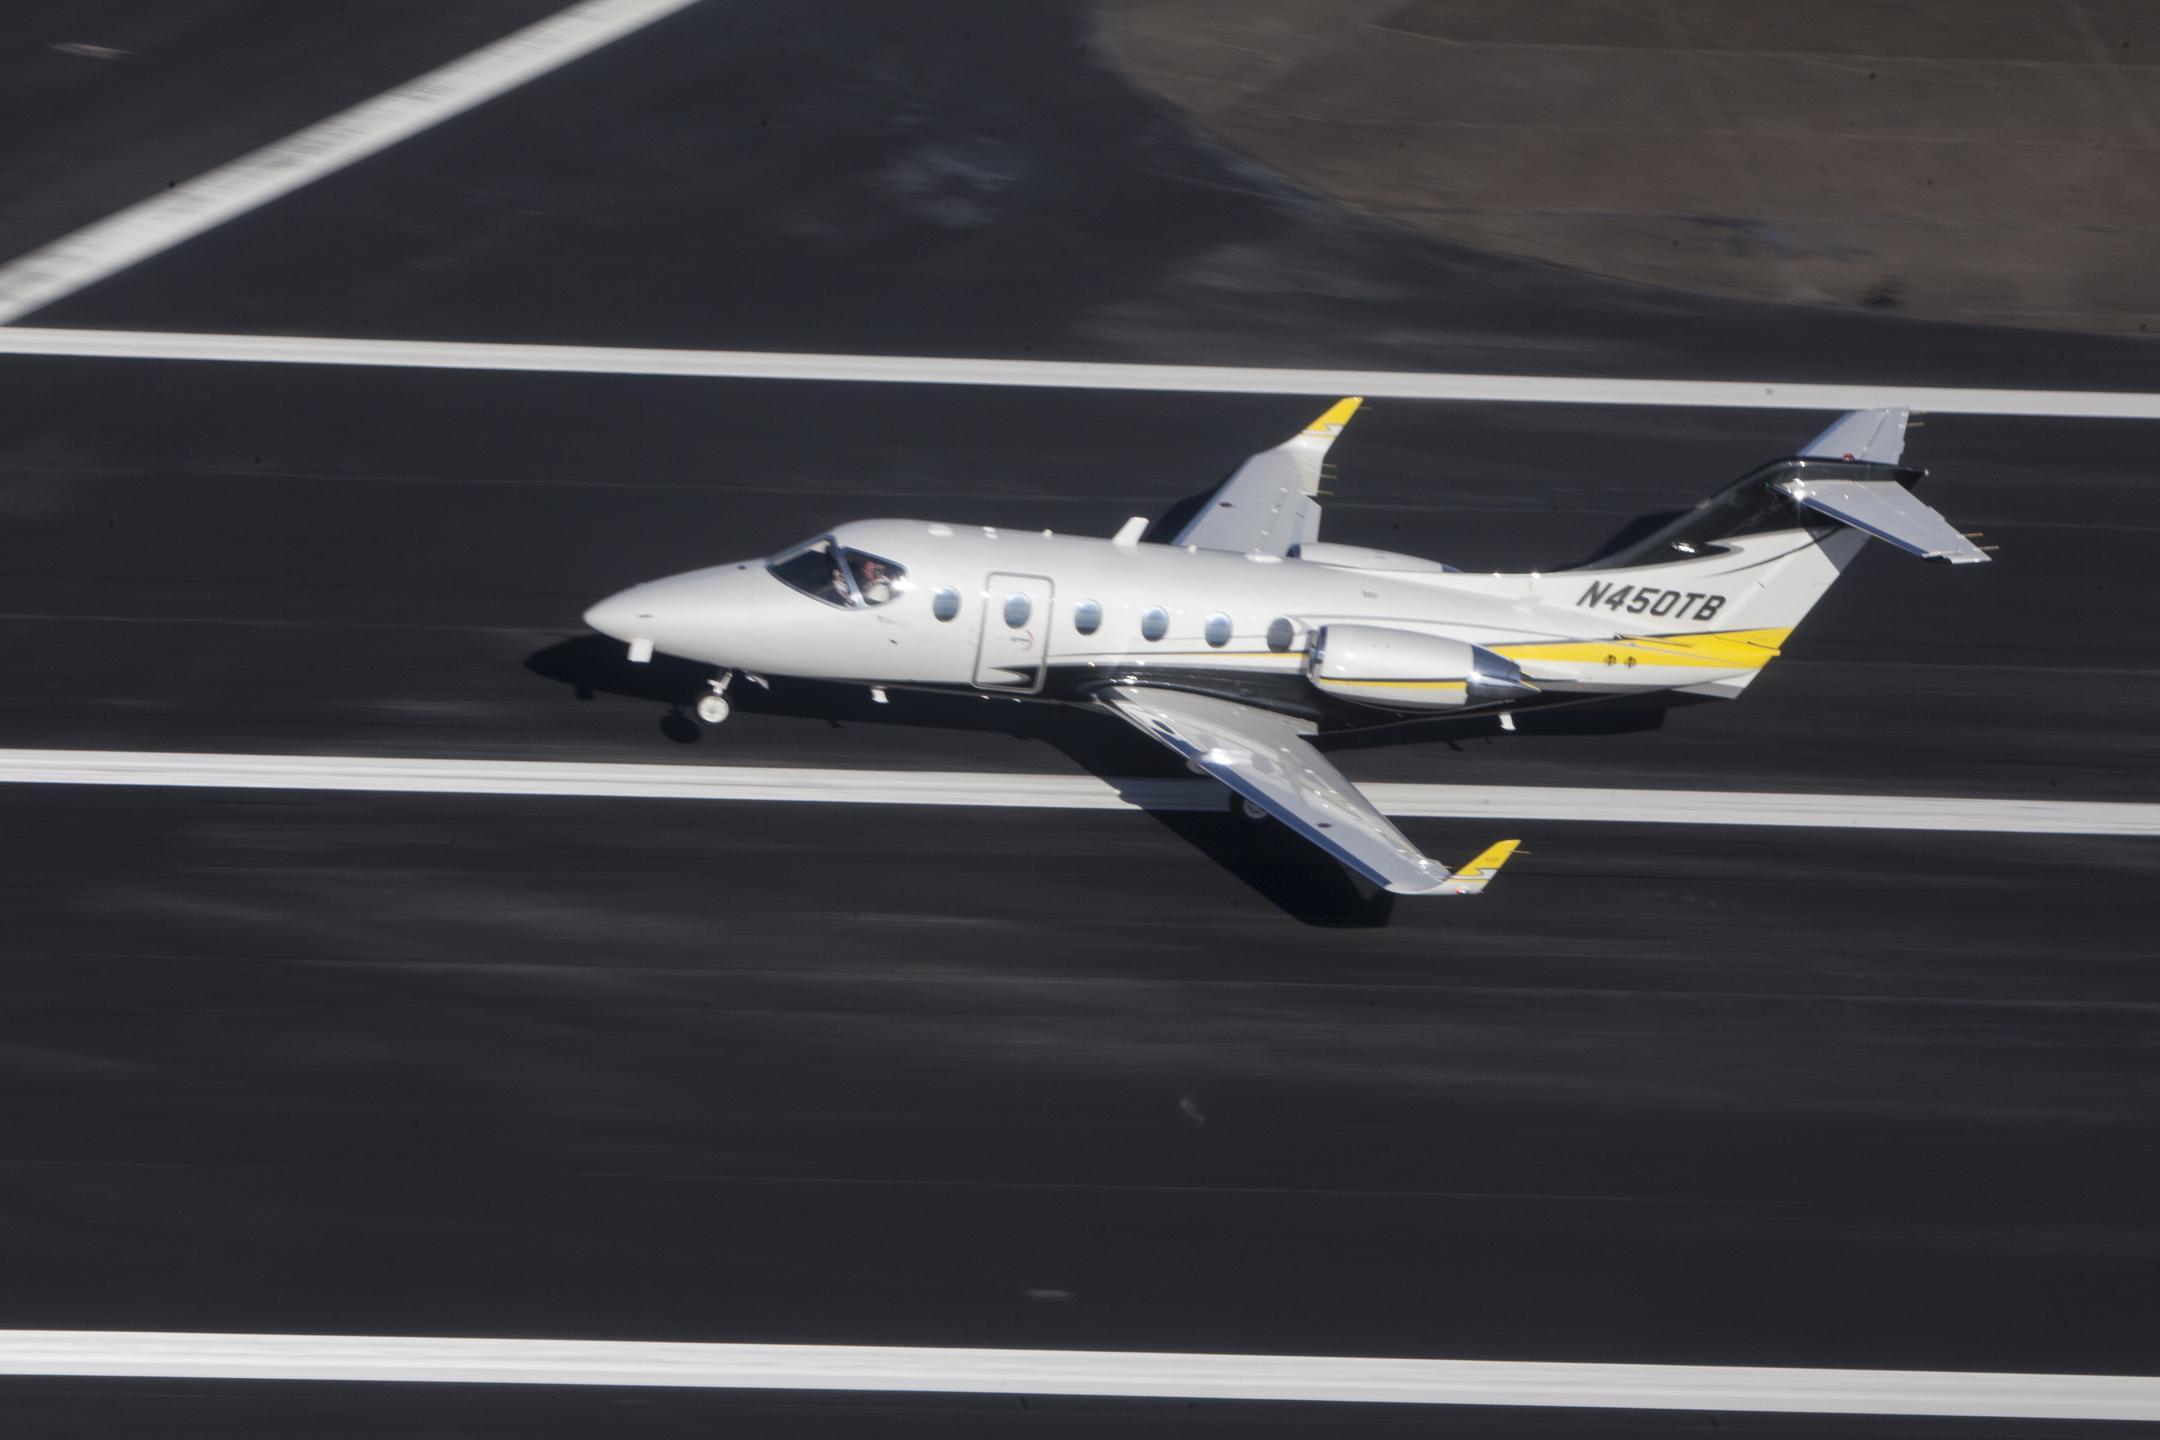 Beechjet landing